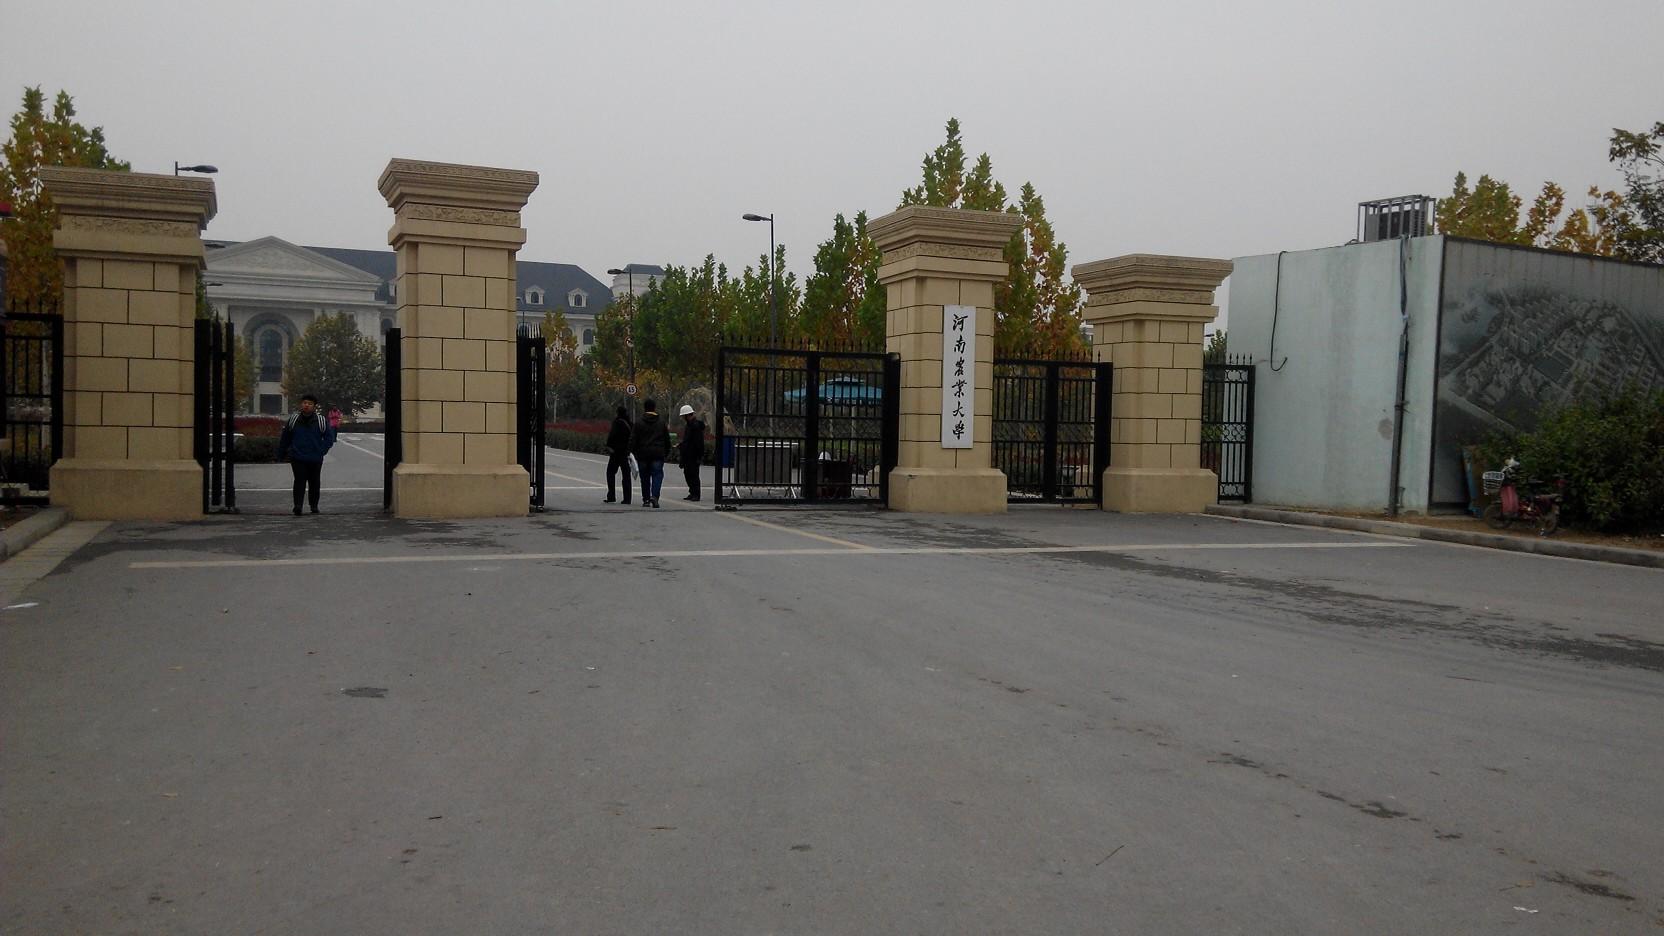 河南省郑州市金水区文苑北路  标签: 学校 教育 大学  河南农业大学